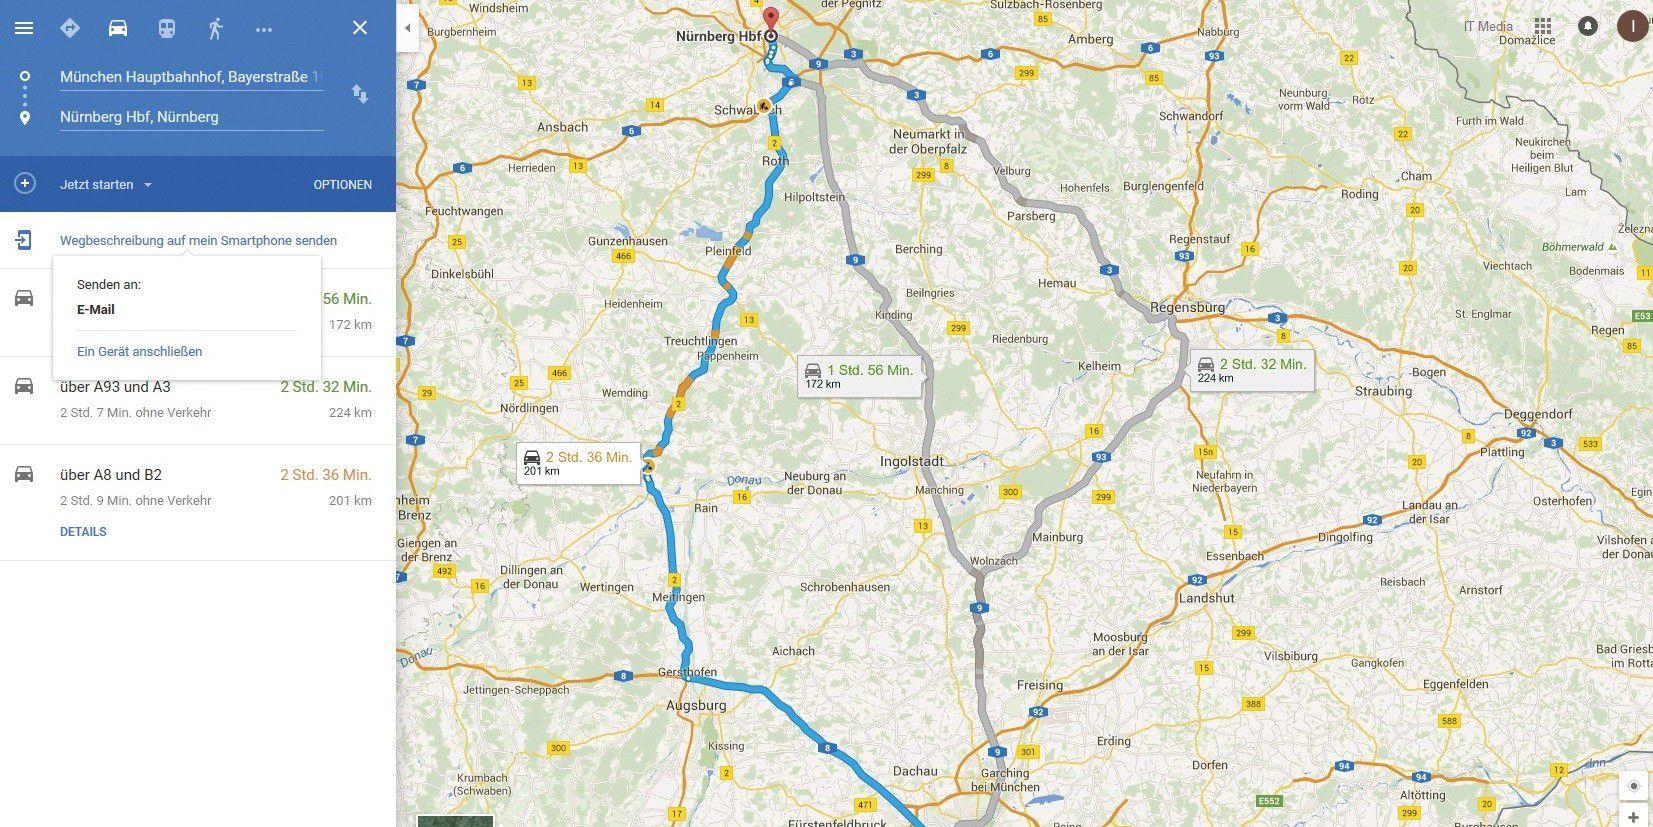 Google Maps-App: Tipps für Fortgeschrittene und Profis - PC-WELT on